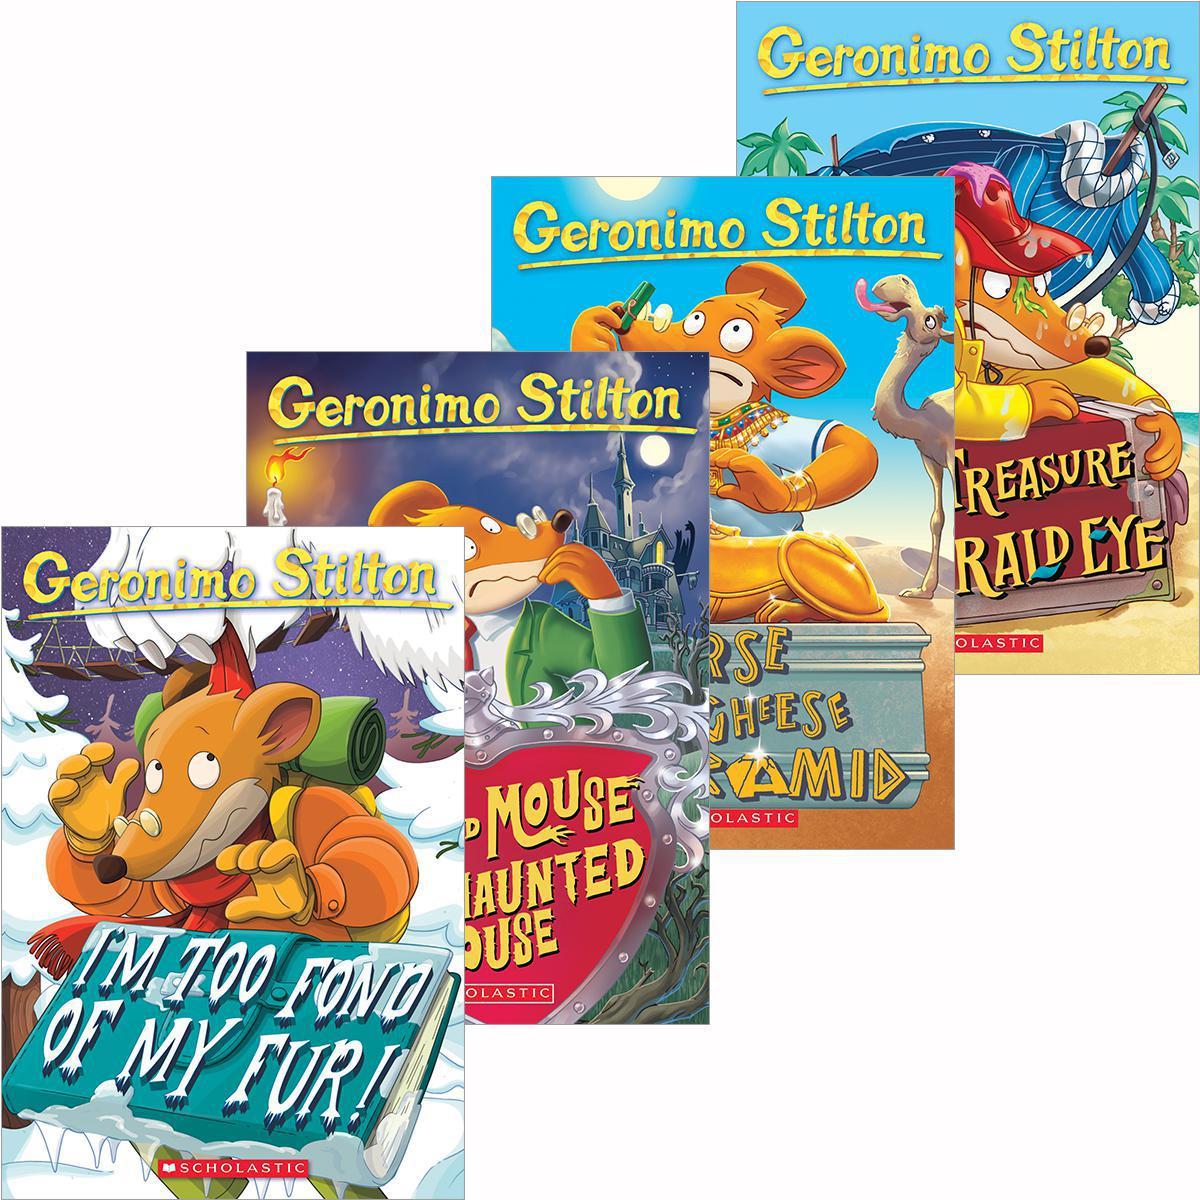 Geronimo Stilton Four-Cheese Box Set